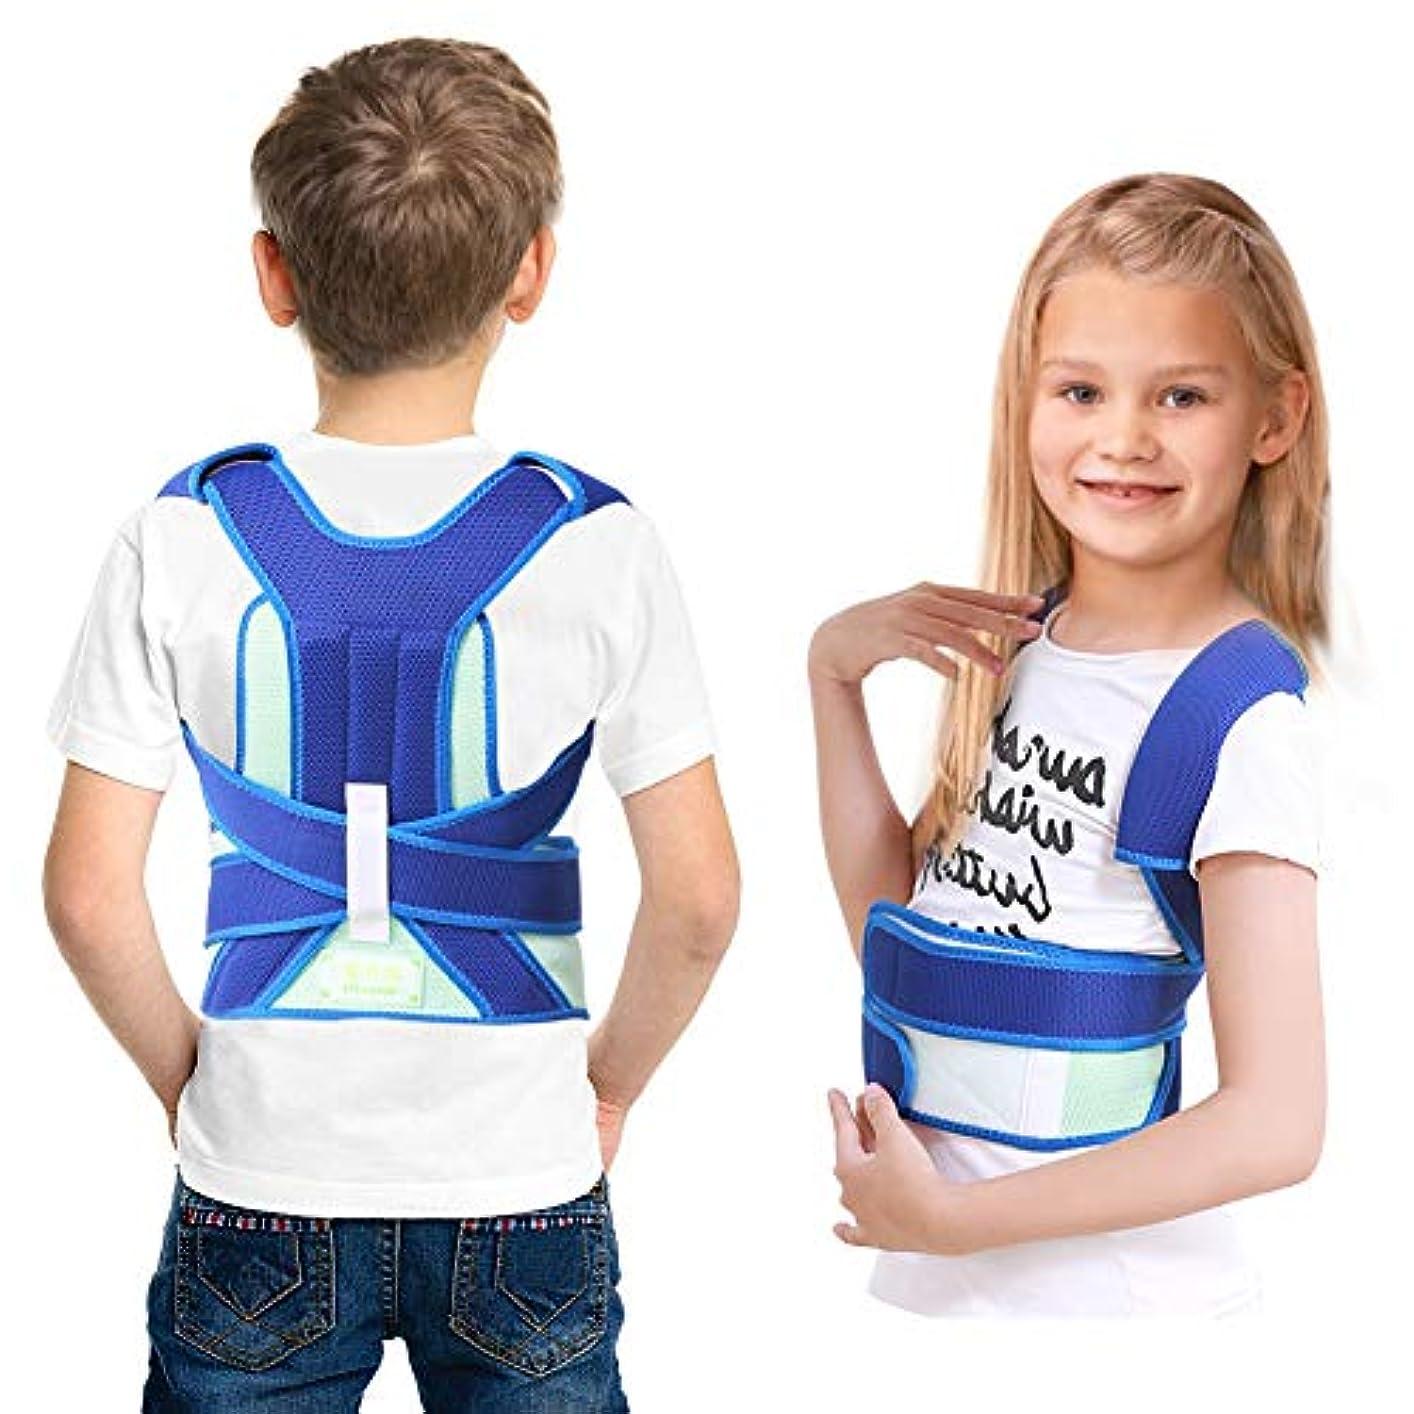 正しい姿勢の正しいベルトは、調整可能に快適で効果的です。